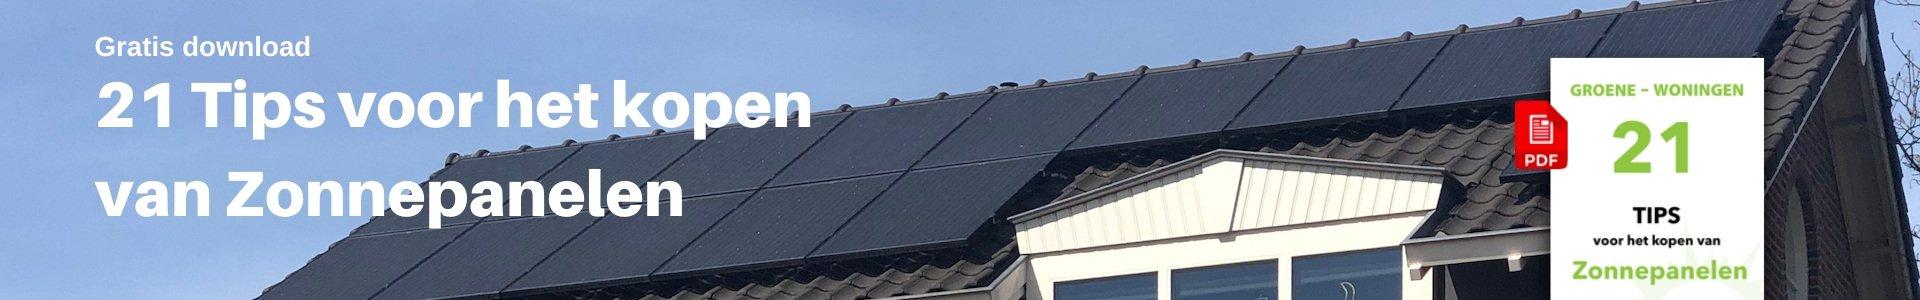 Header 21 Tips voor het kopen van zonnepanelen